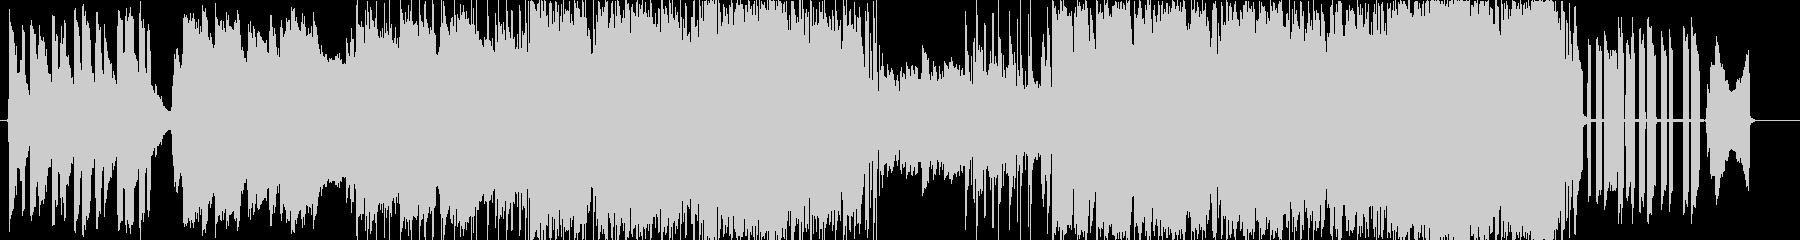 チェロR&Bの未再生の波形